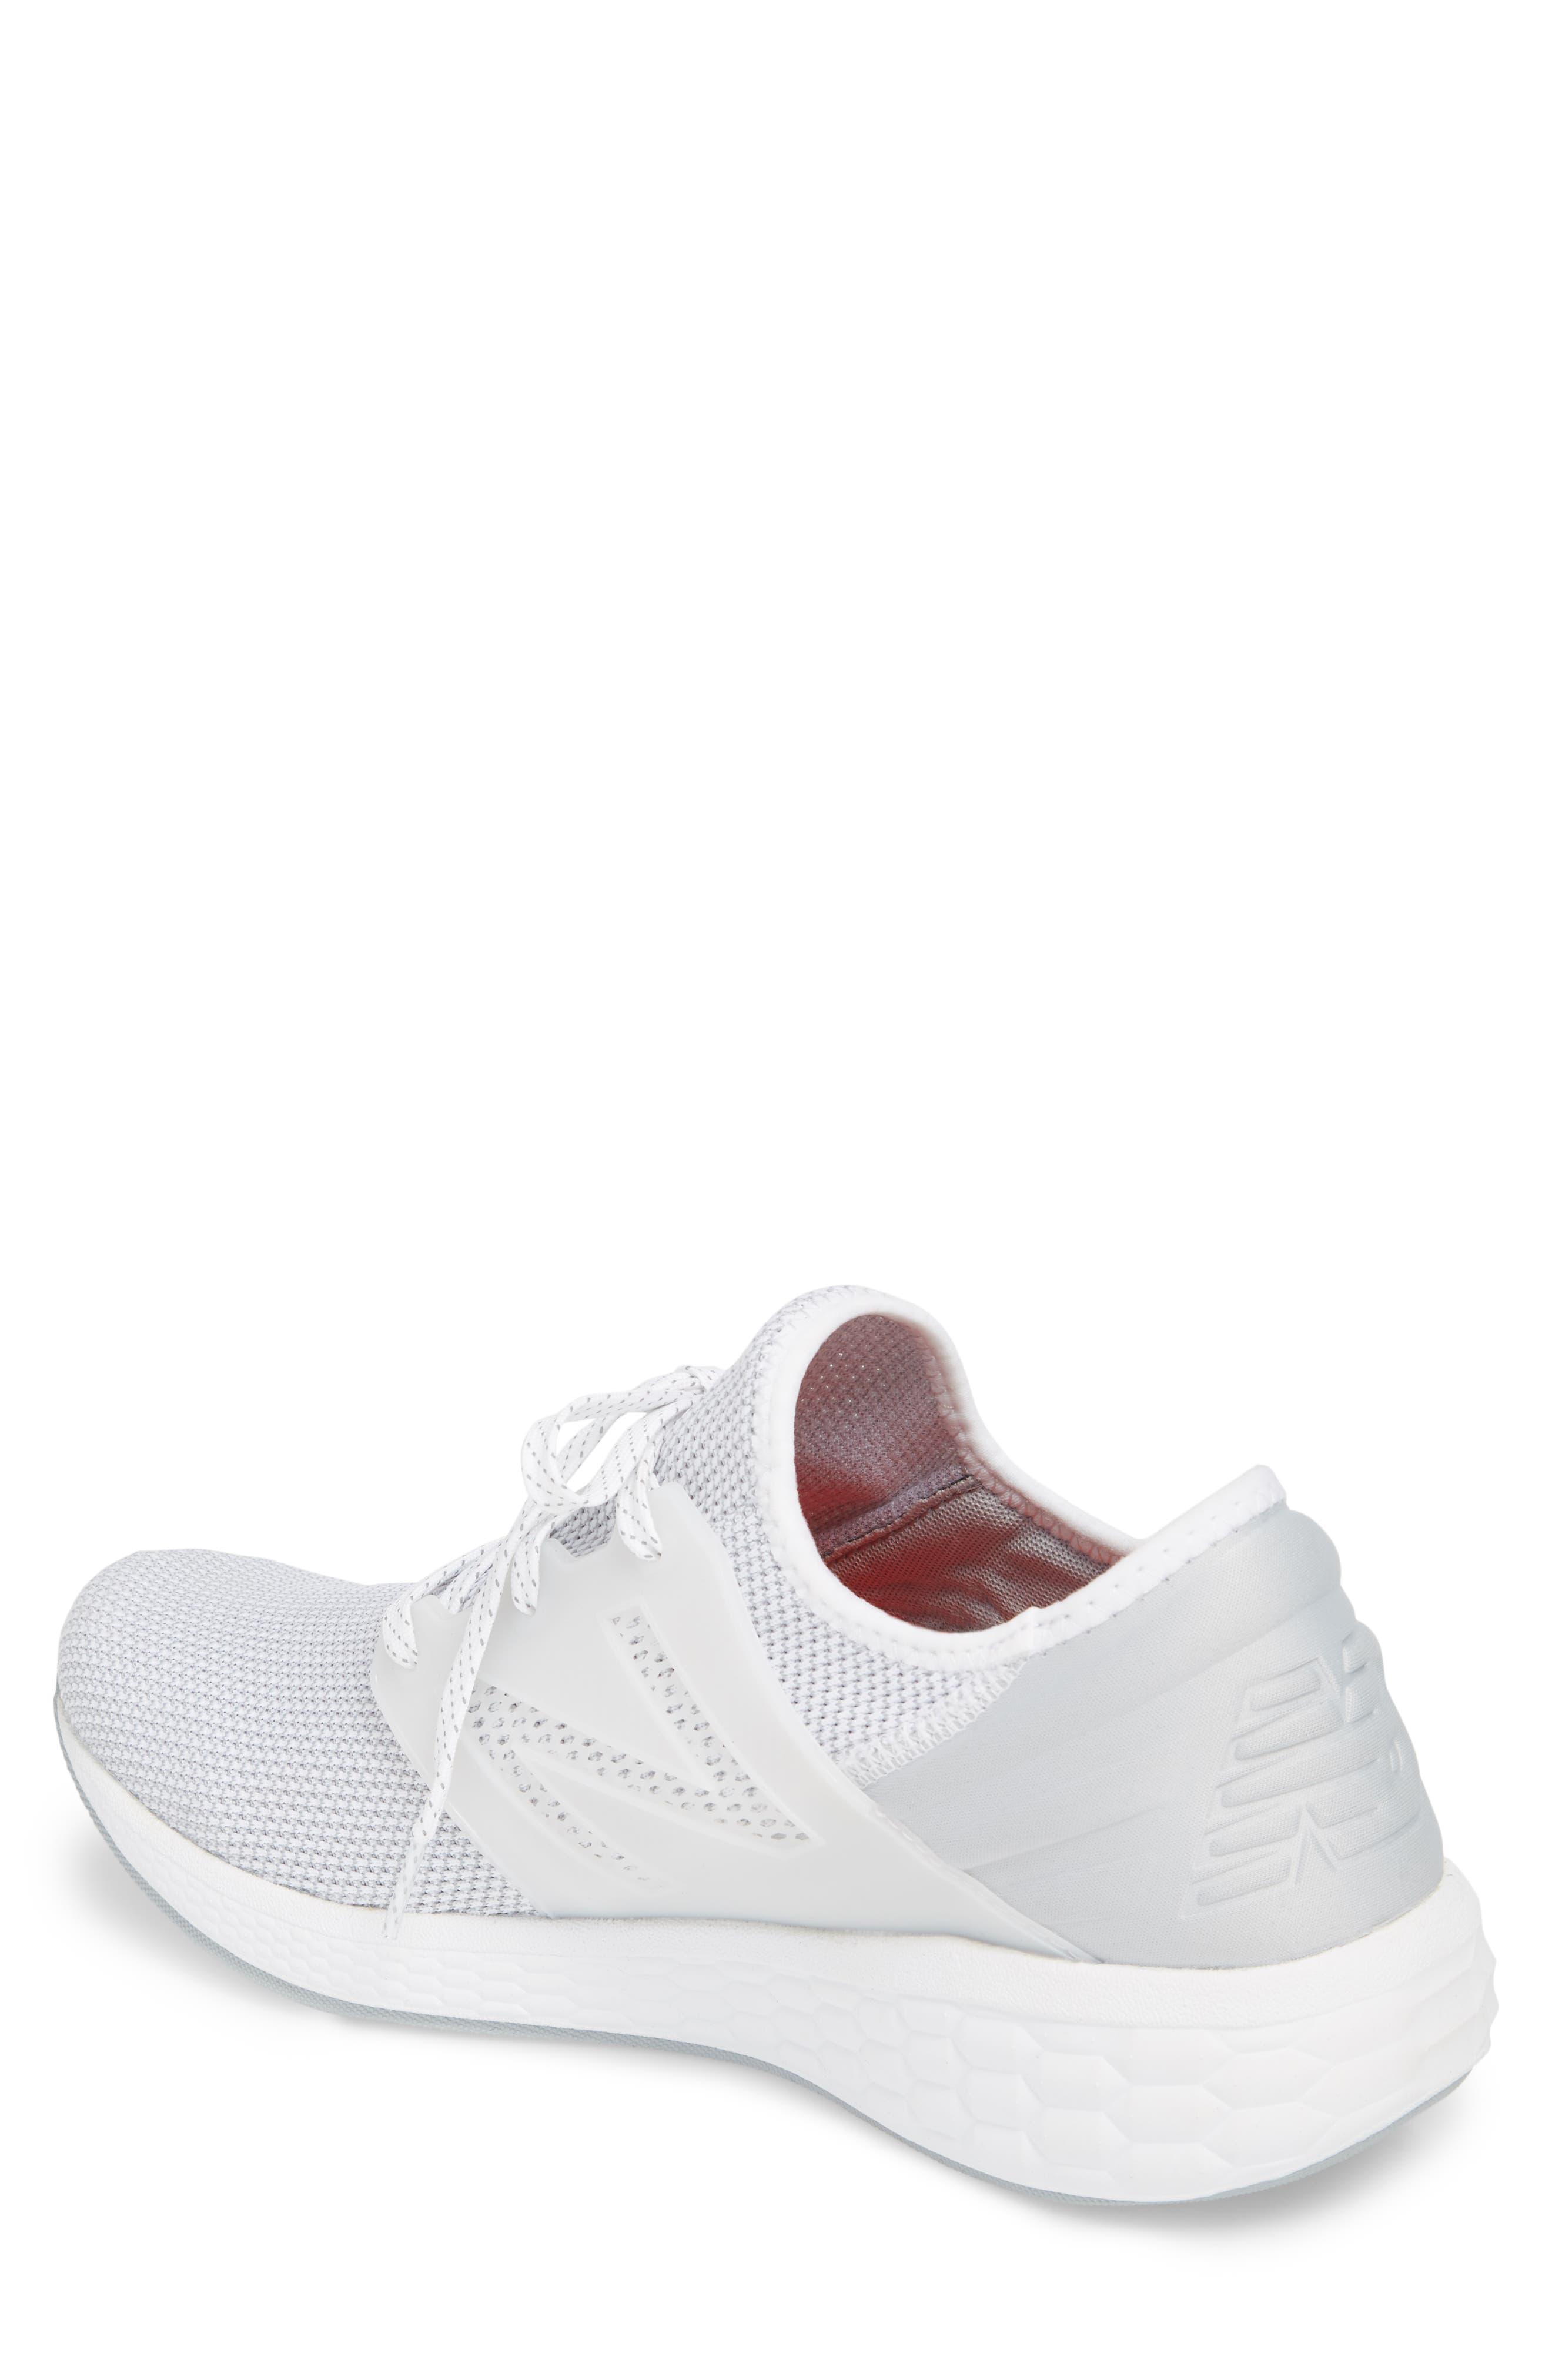 Fresh Foam Cruz v2 Sport Running Shoe,                             Alternate thumbnail 2, color,                             White